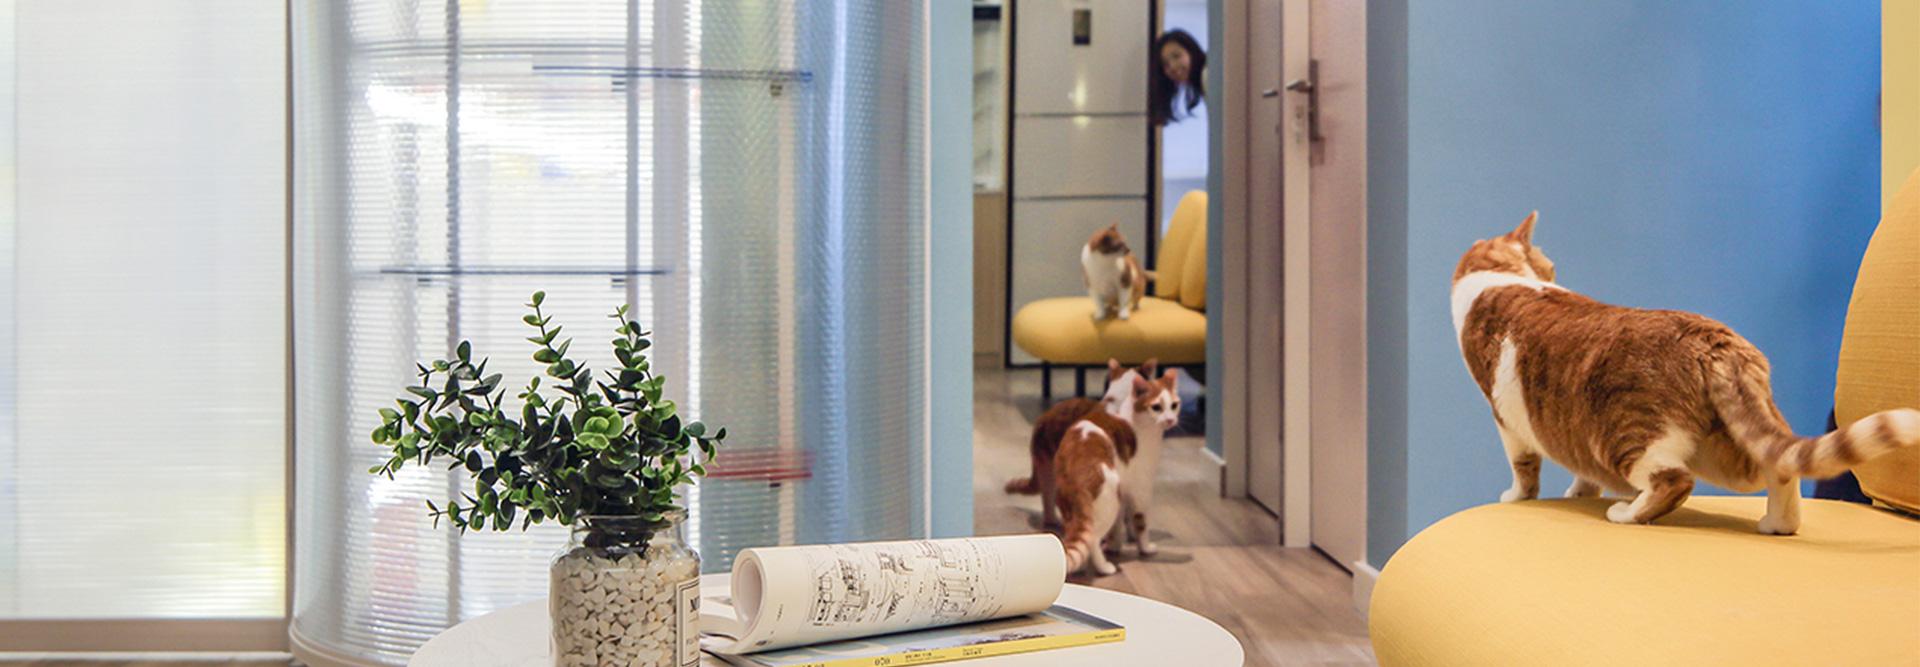 《Wallpaper*卷宗》报道 | 造作猫屋改造引起关注